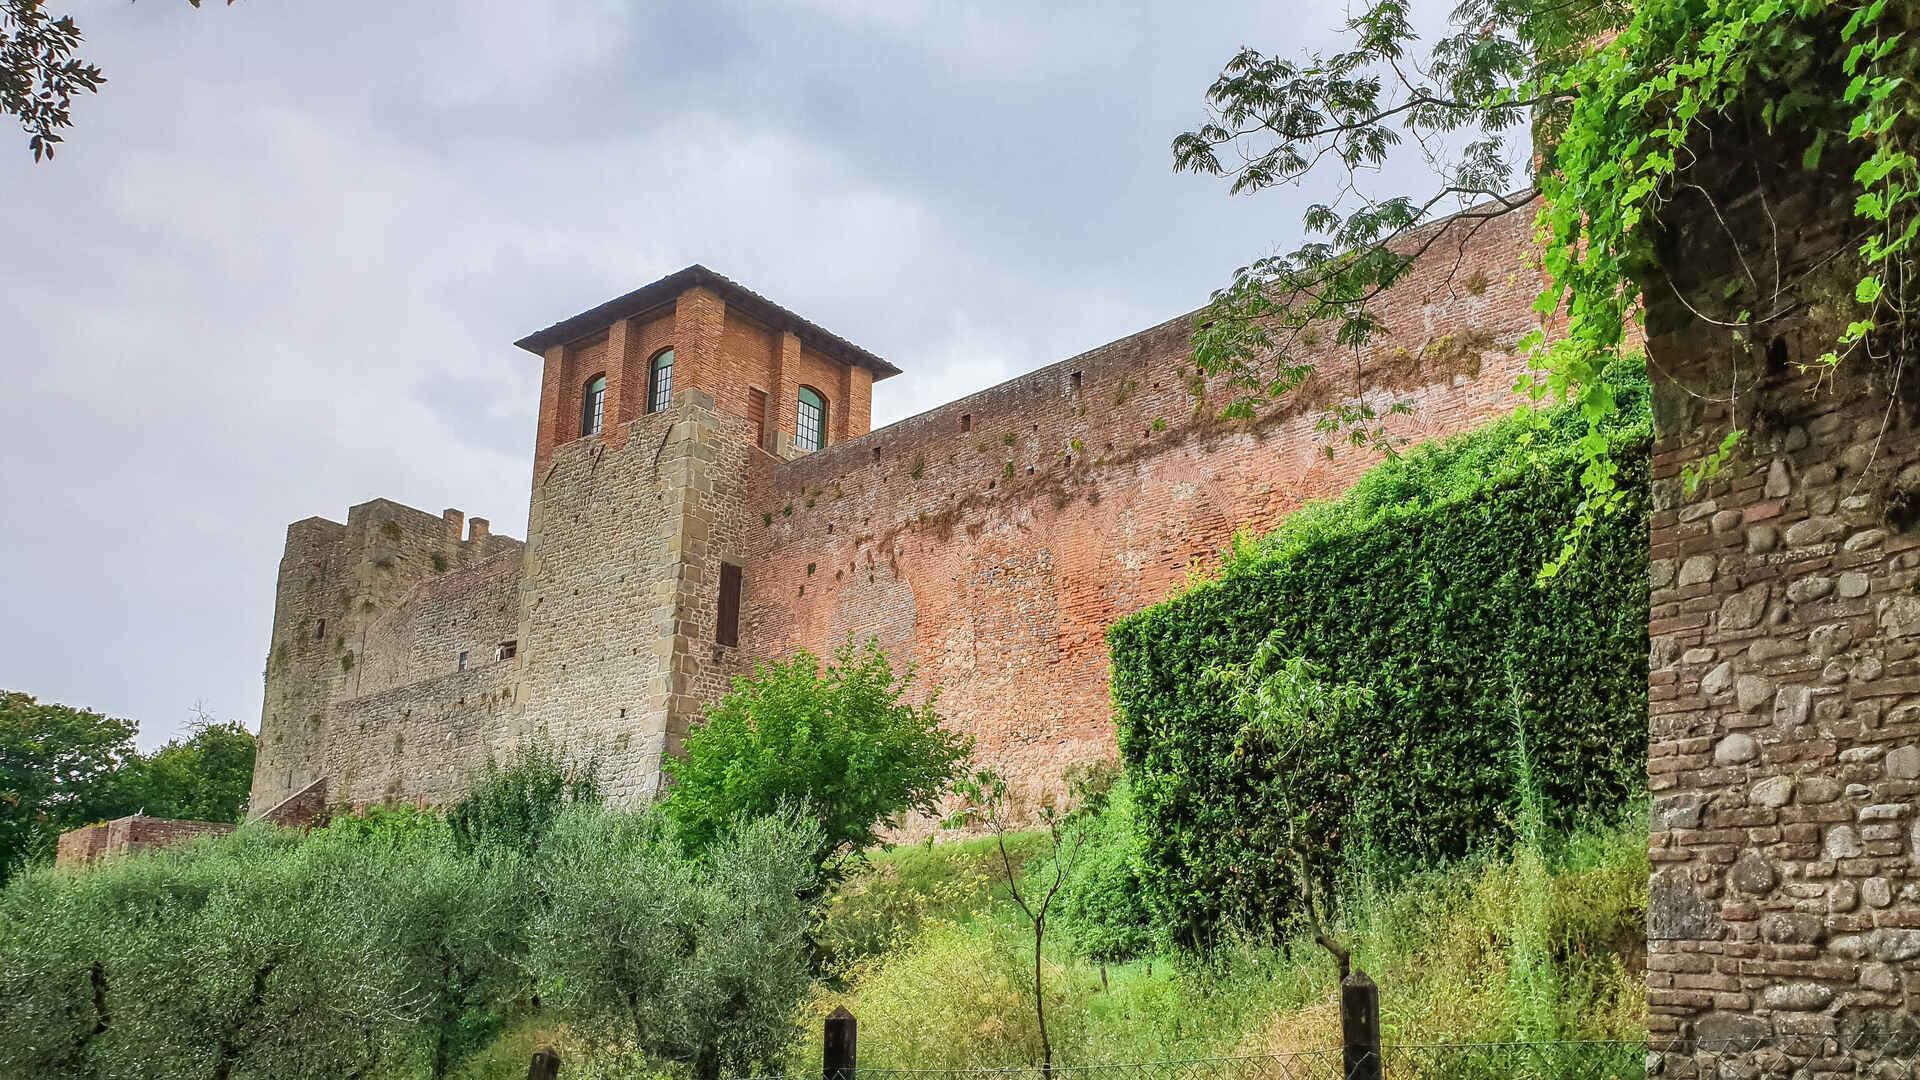 Le alte mura in pietra della Fortezza del Cerruglio di Montecarlo di Lucca. In primo piano si vedono i due torrioni quadrati con sotto alcuni ulivi e cespugli verdi.